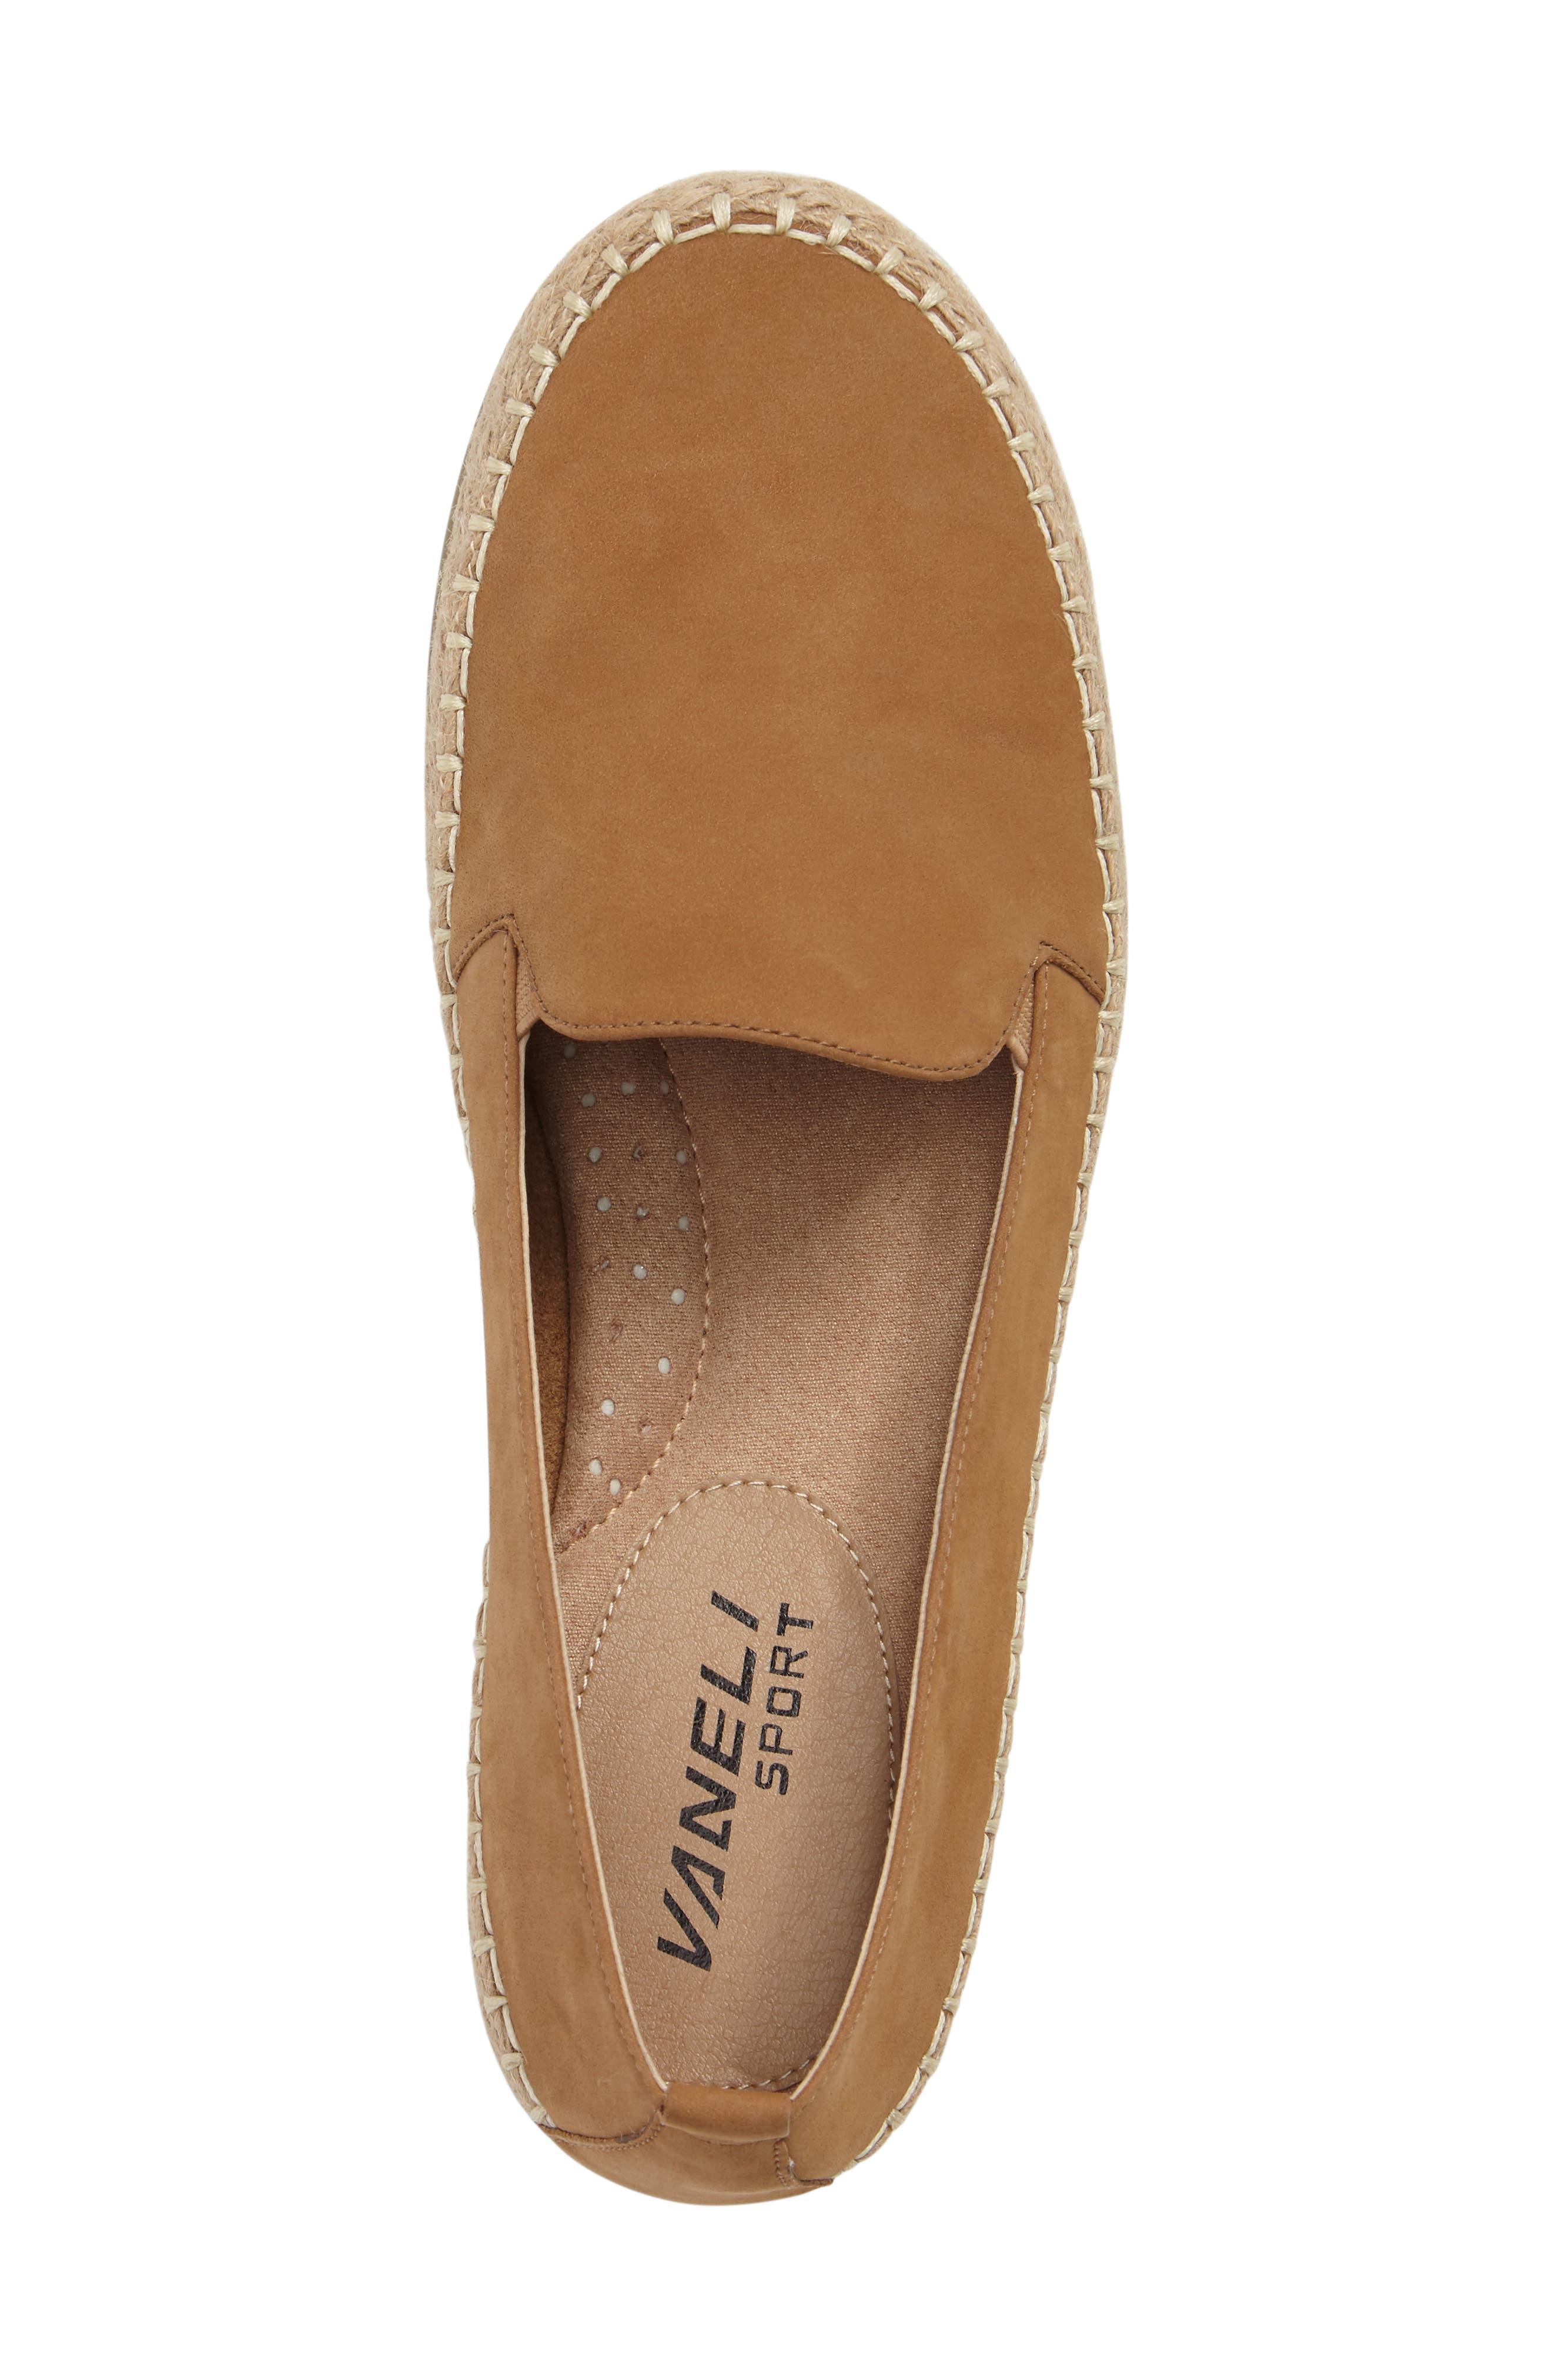 Nadette Espadrille Loafer Flat,                             Alternate thumbnail 18, color,